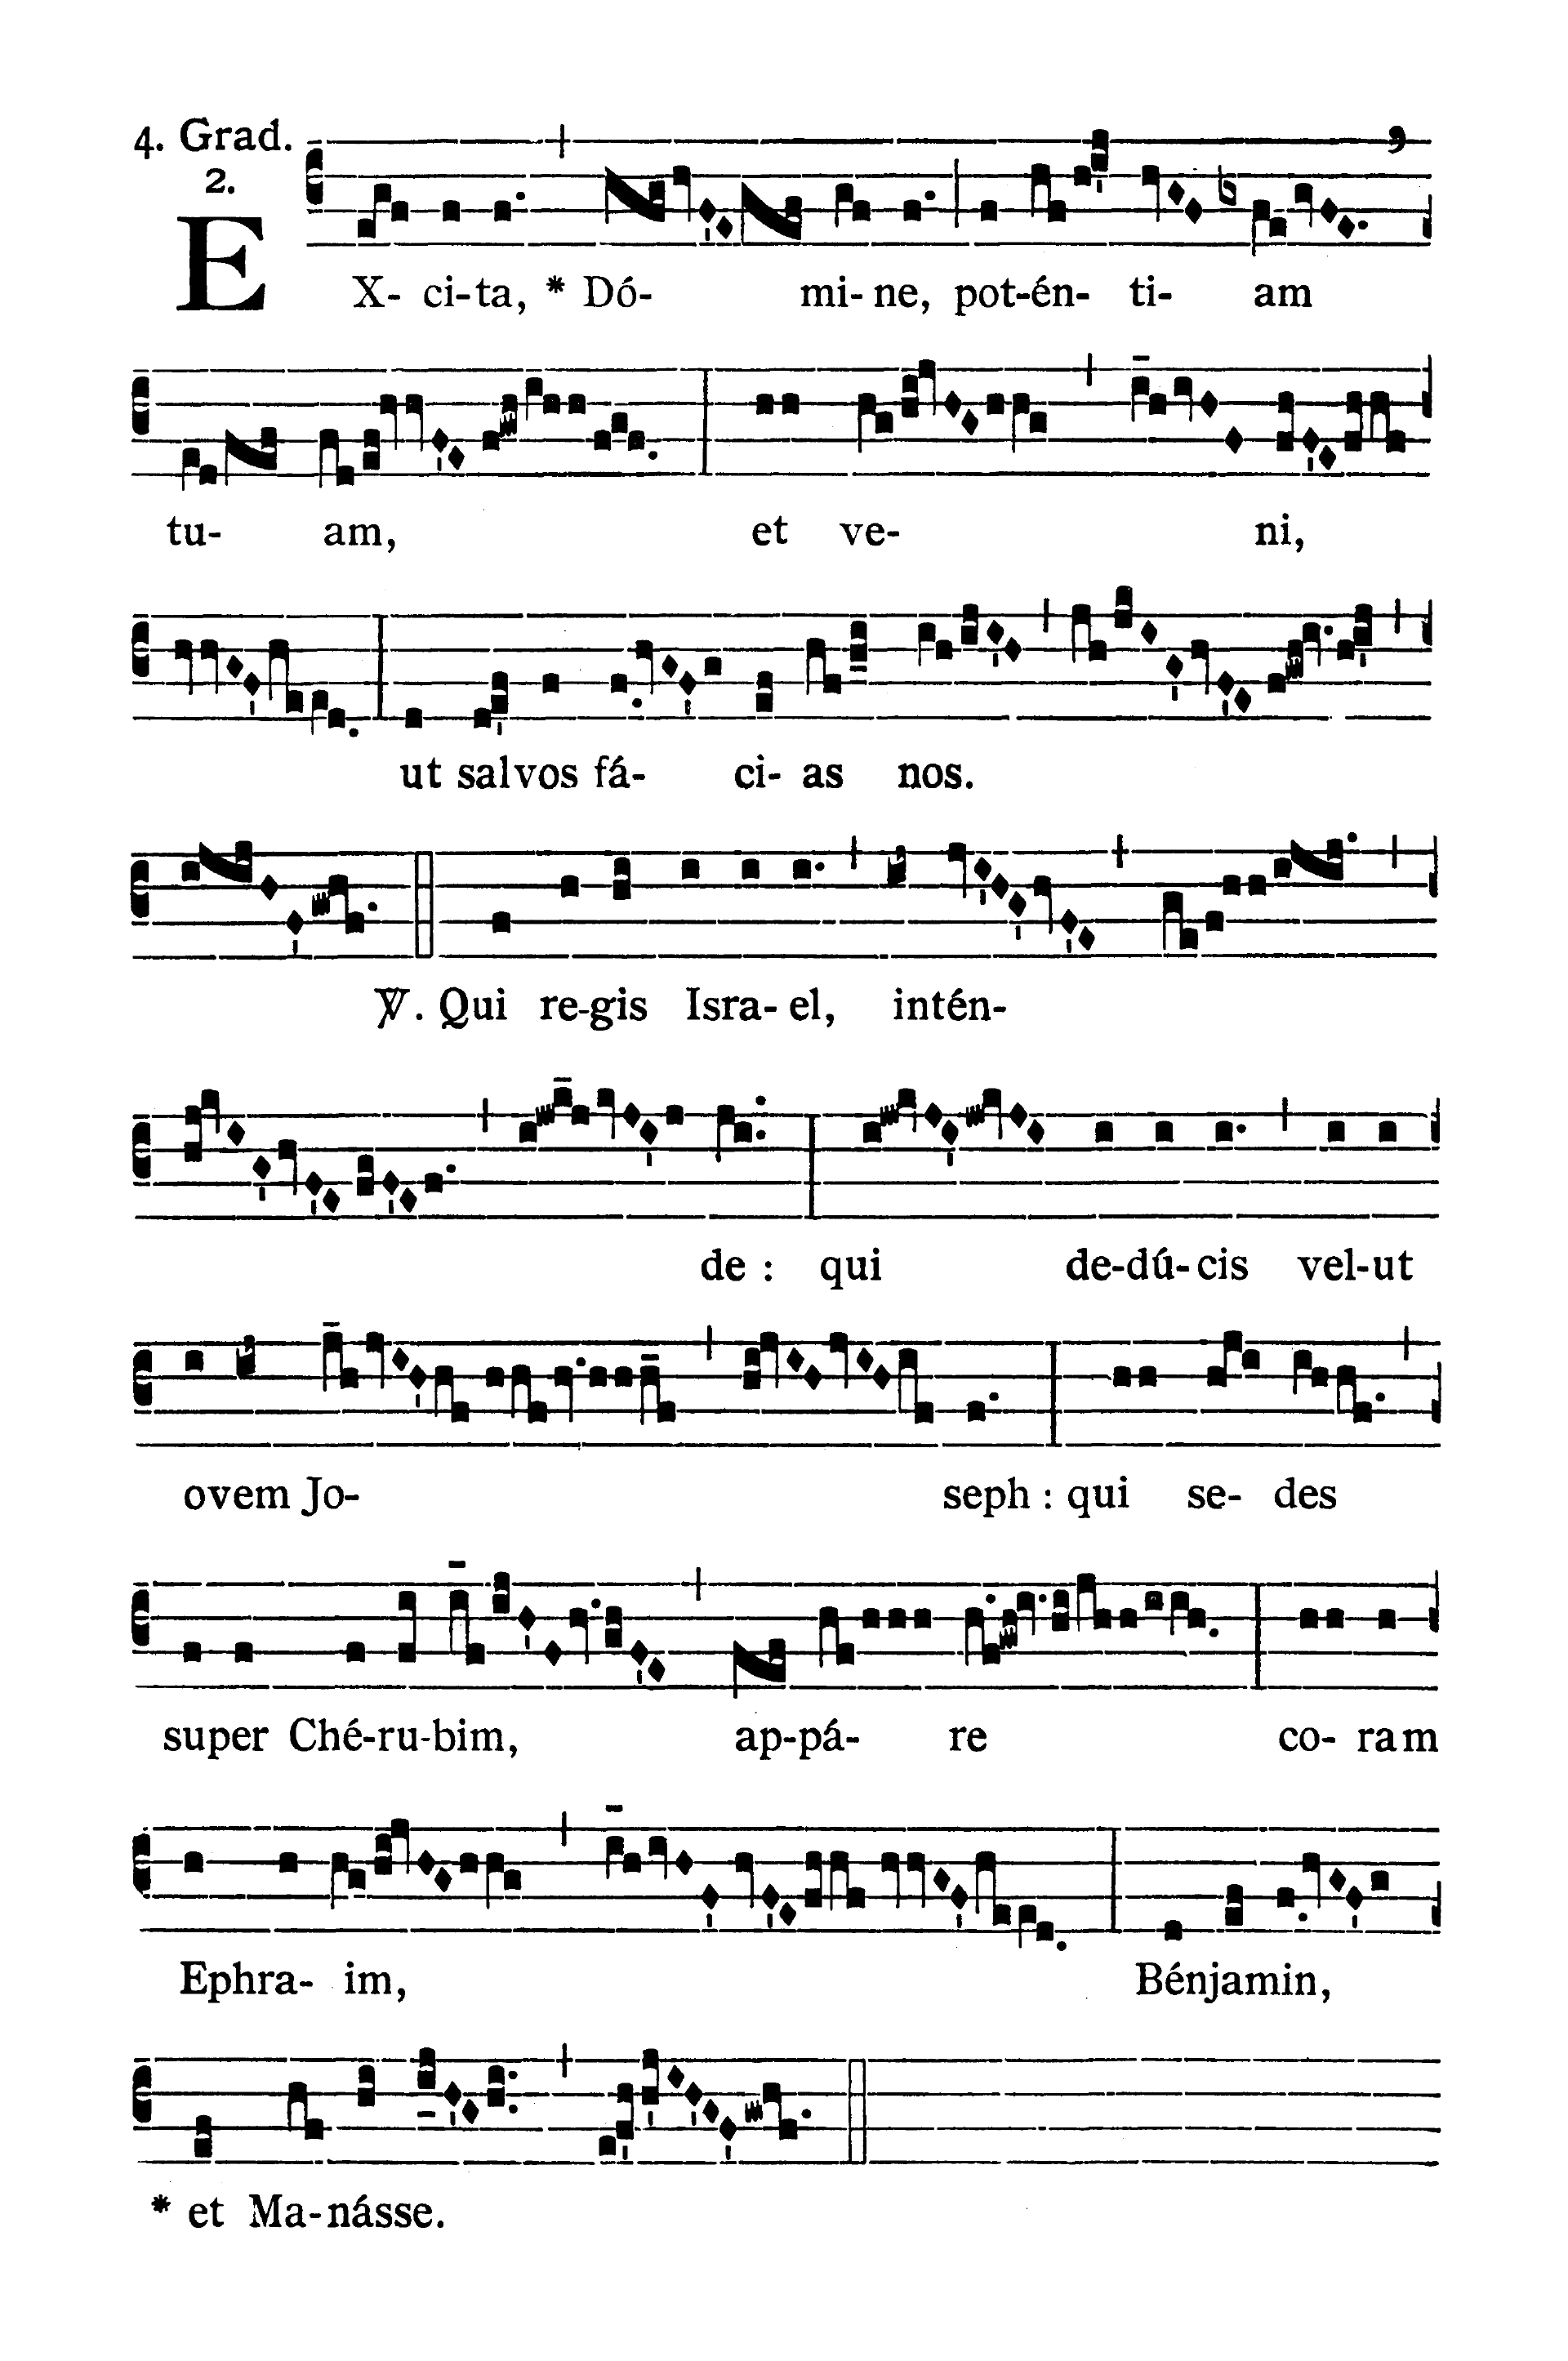 Sabbato Quatuor Temporum Adventus (sobota suchych dni Adwentu) - Graduale (Excita Domine)